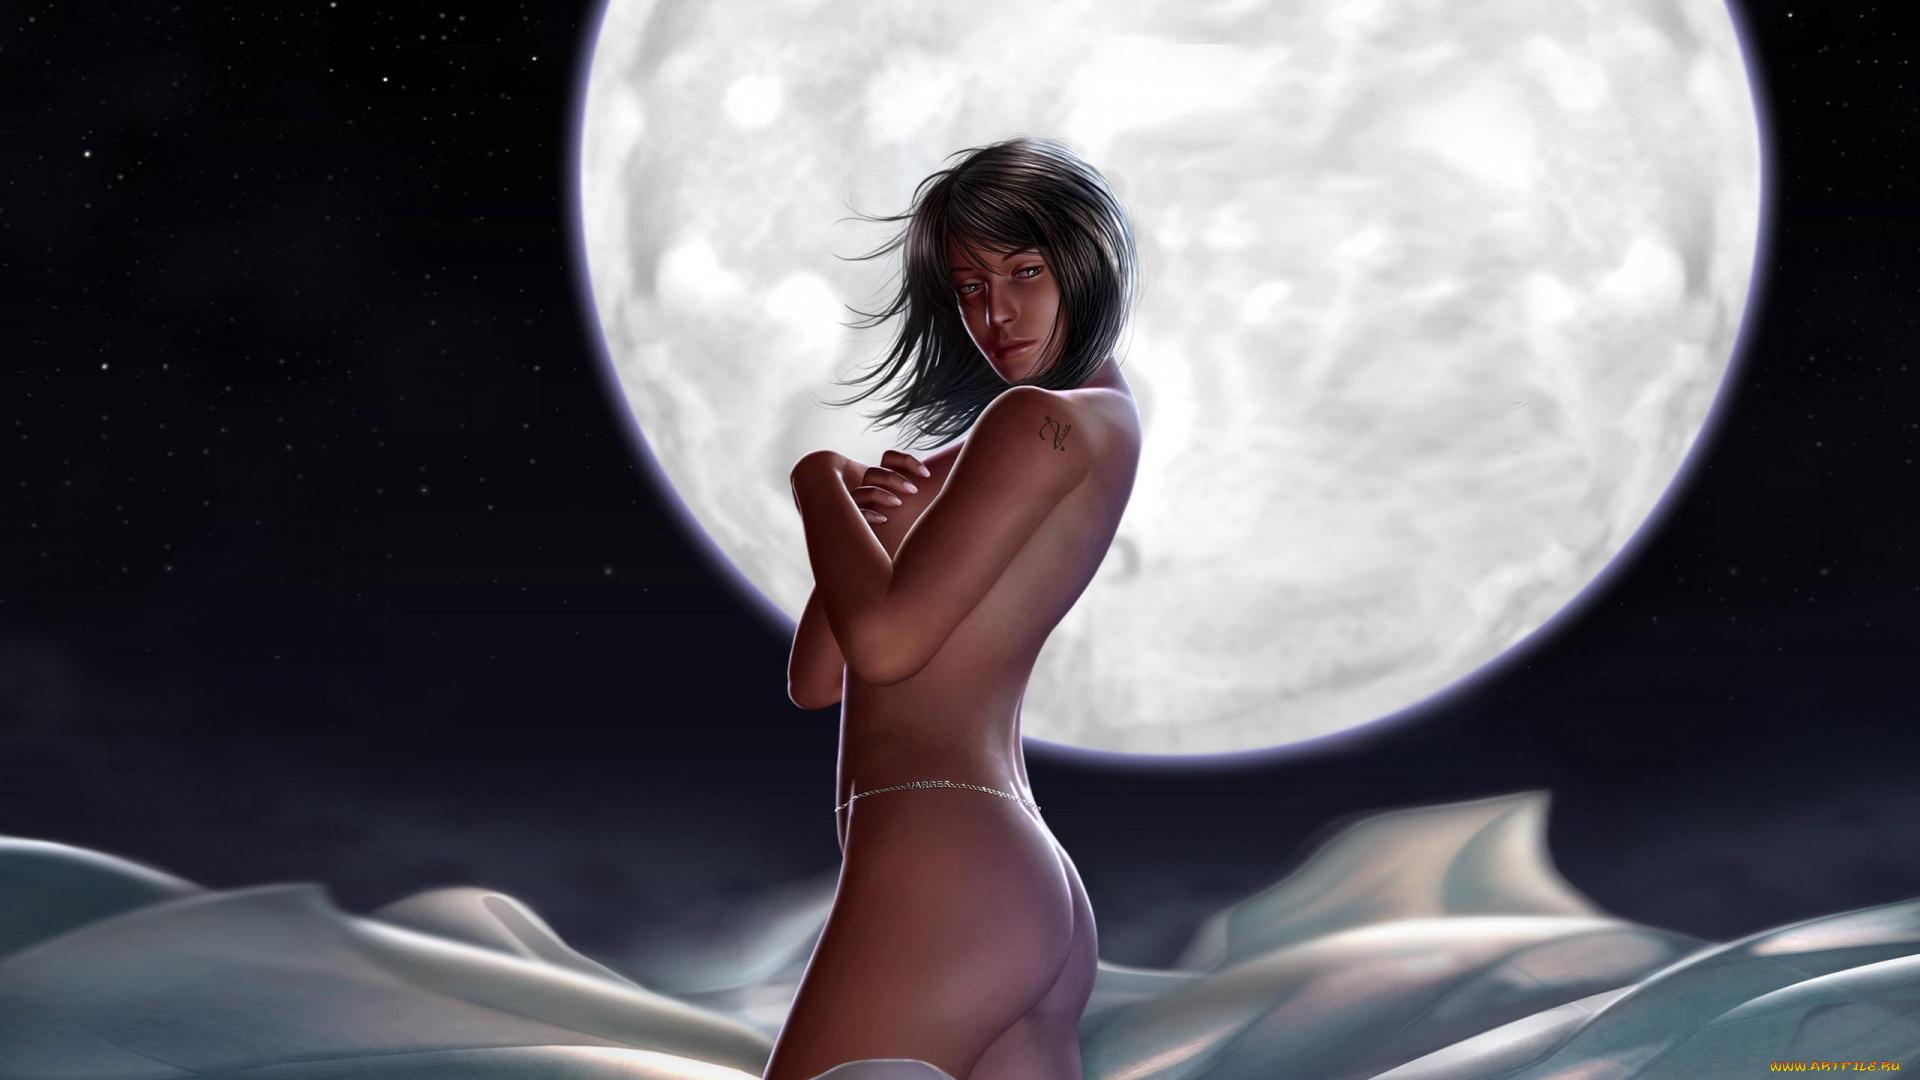 trusah-luna-pena-erotika-sisek-zhenshini